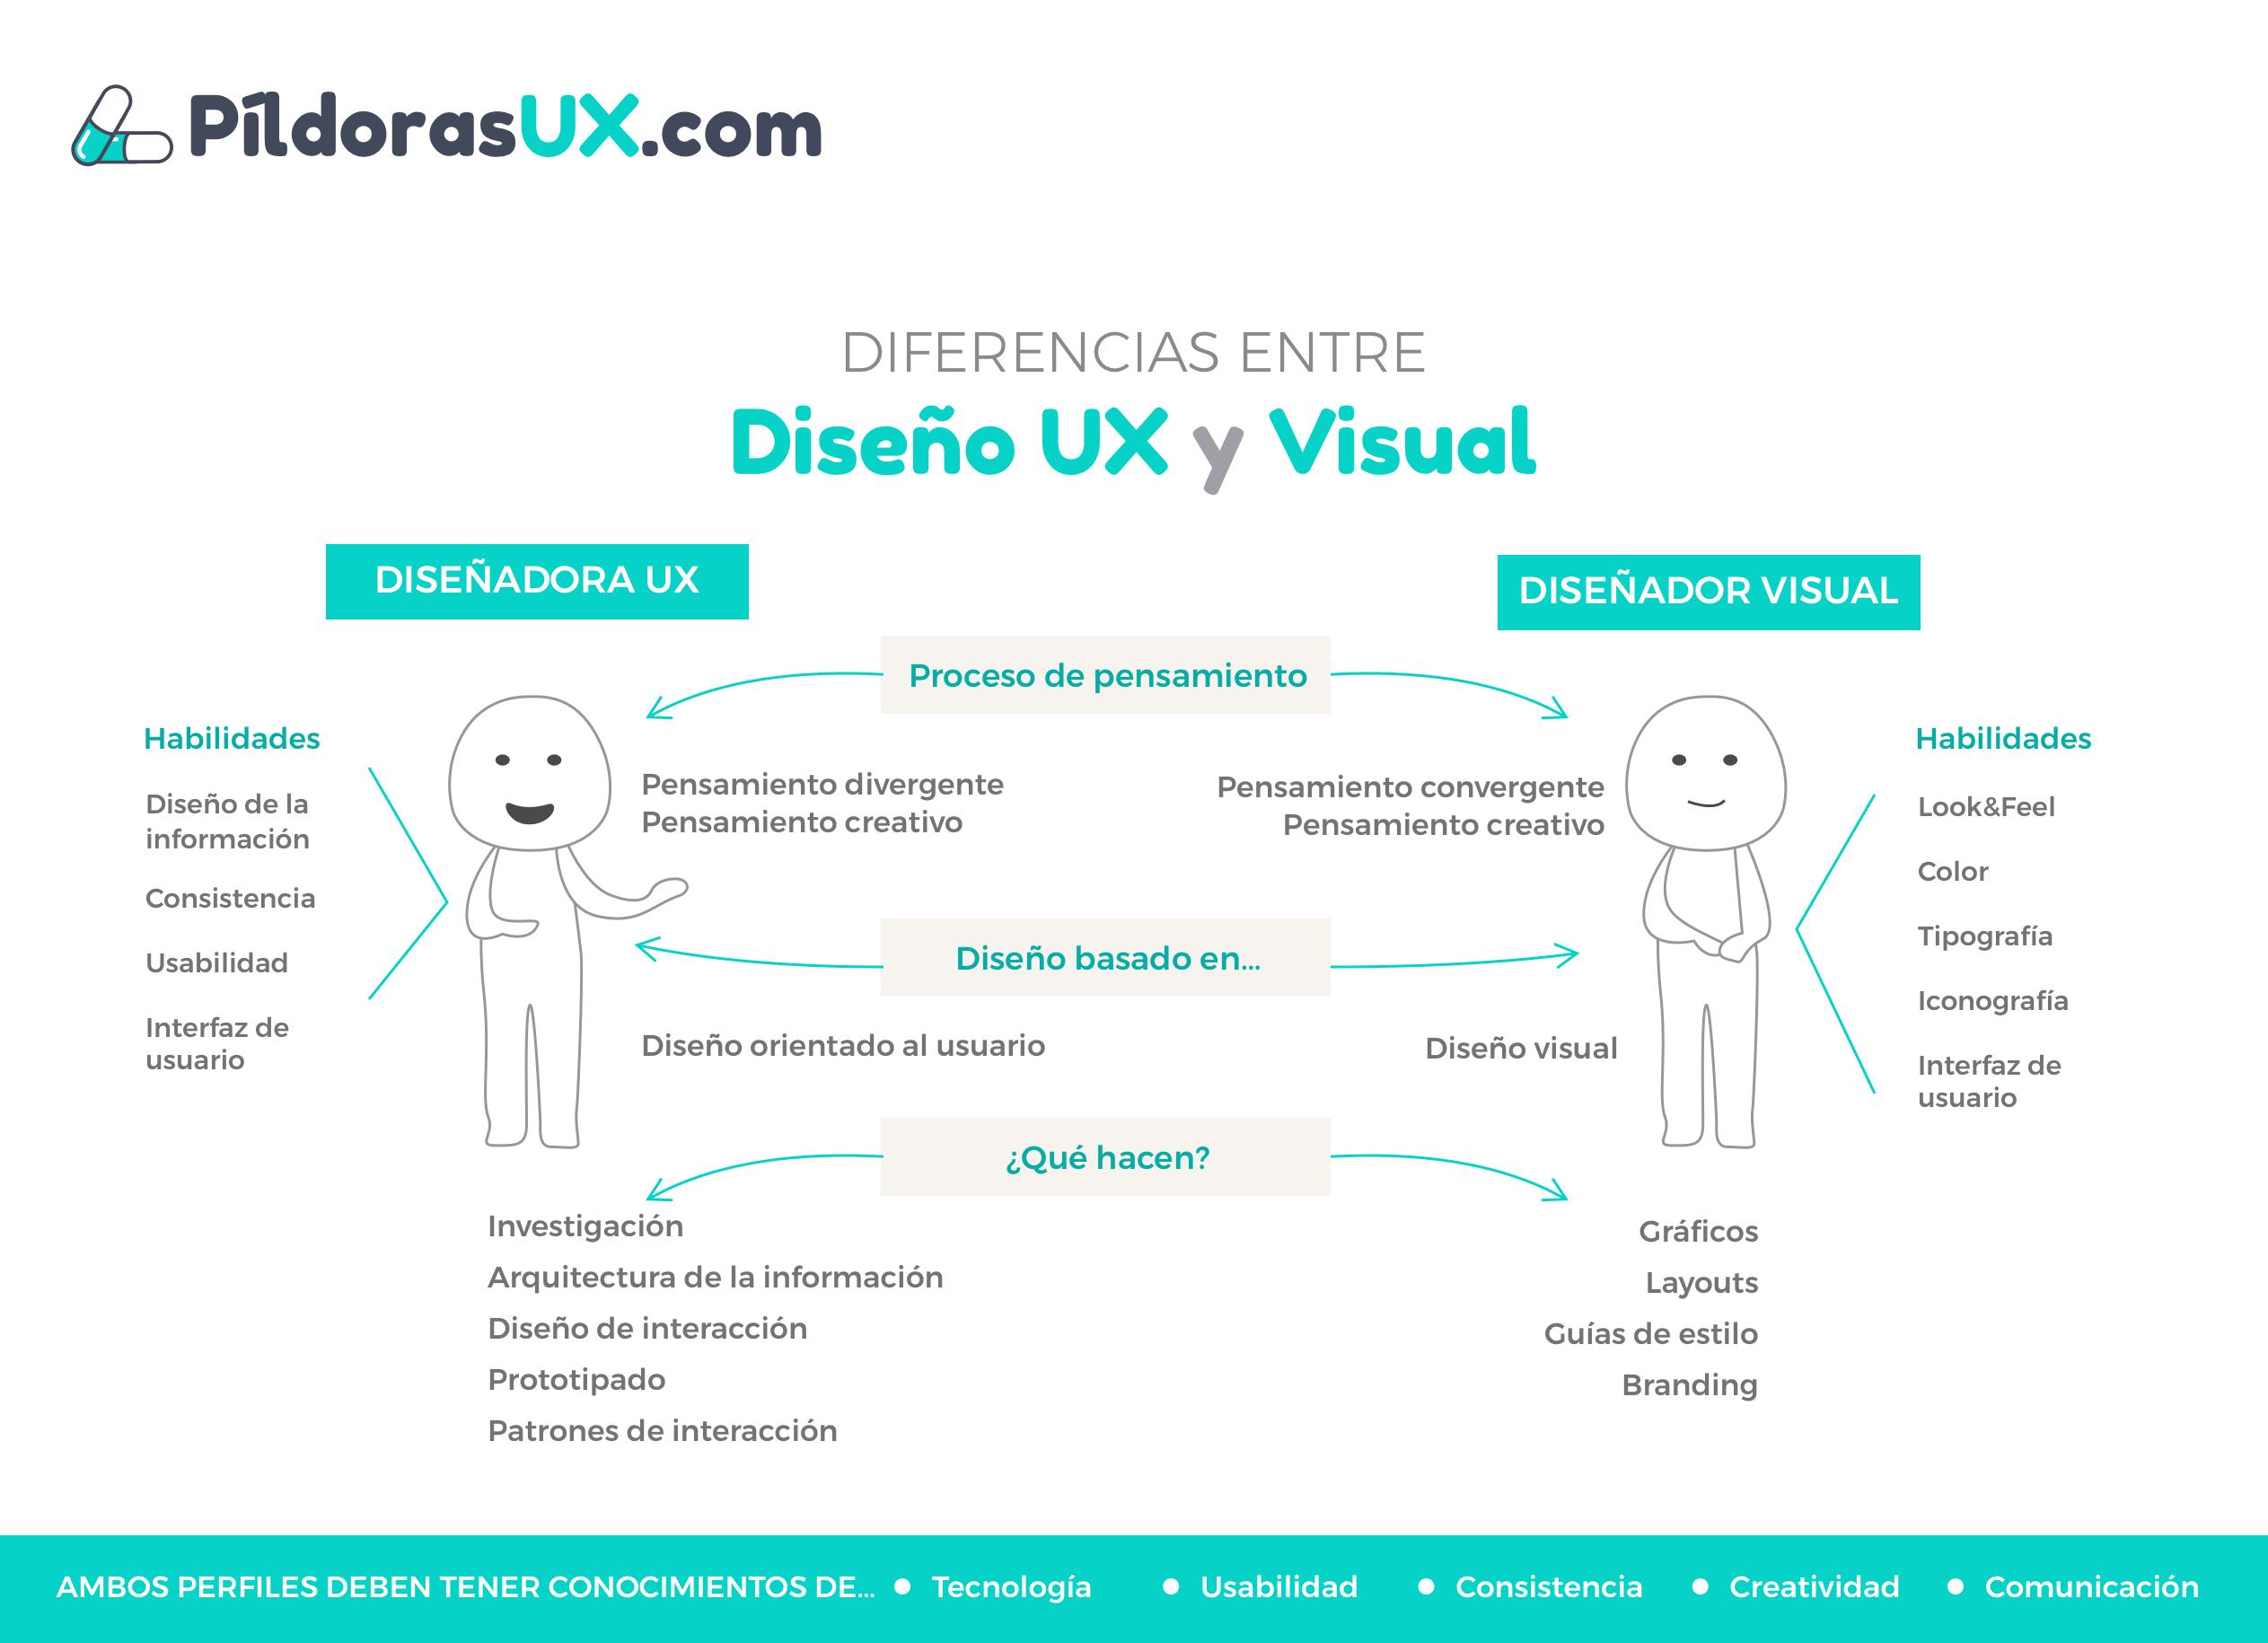 Ilustraciones de los dos tipos de perfiles de diseño